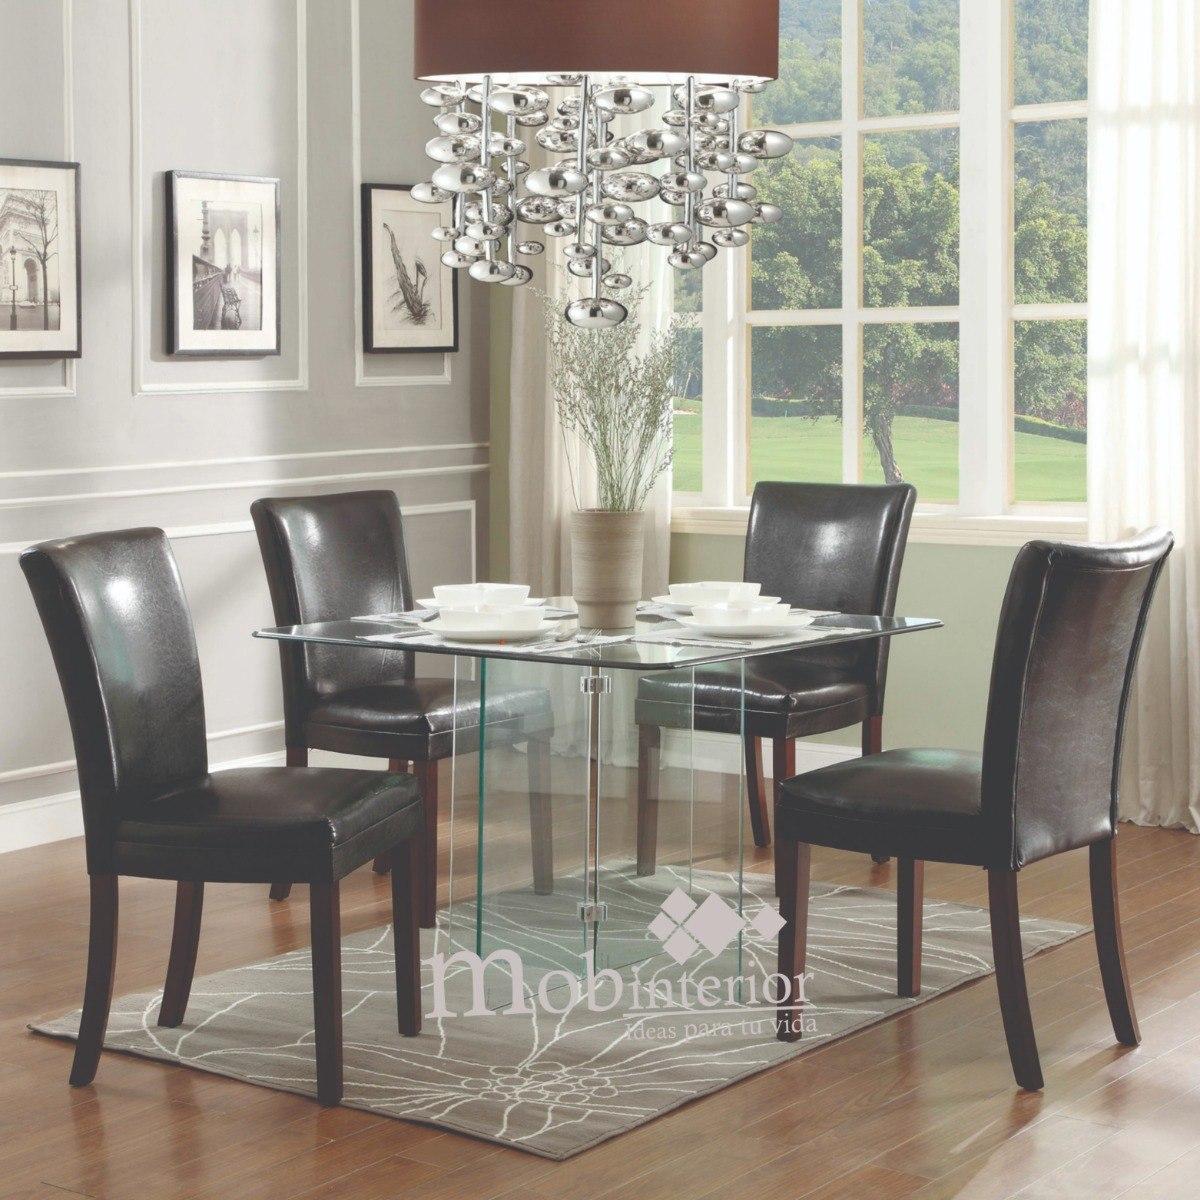 Mesa comedor de cristal templado para 4 personas for Mesas de cristal extensibles para comedor